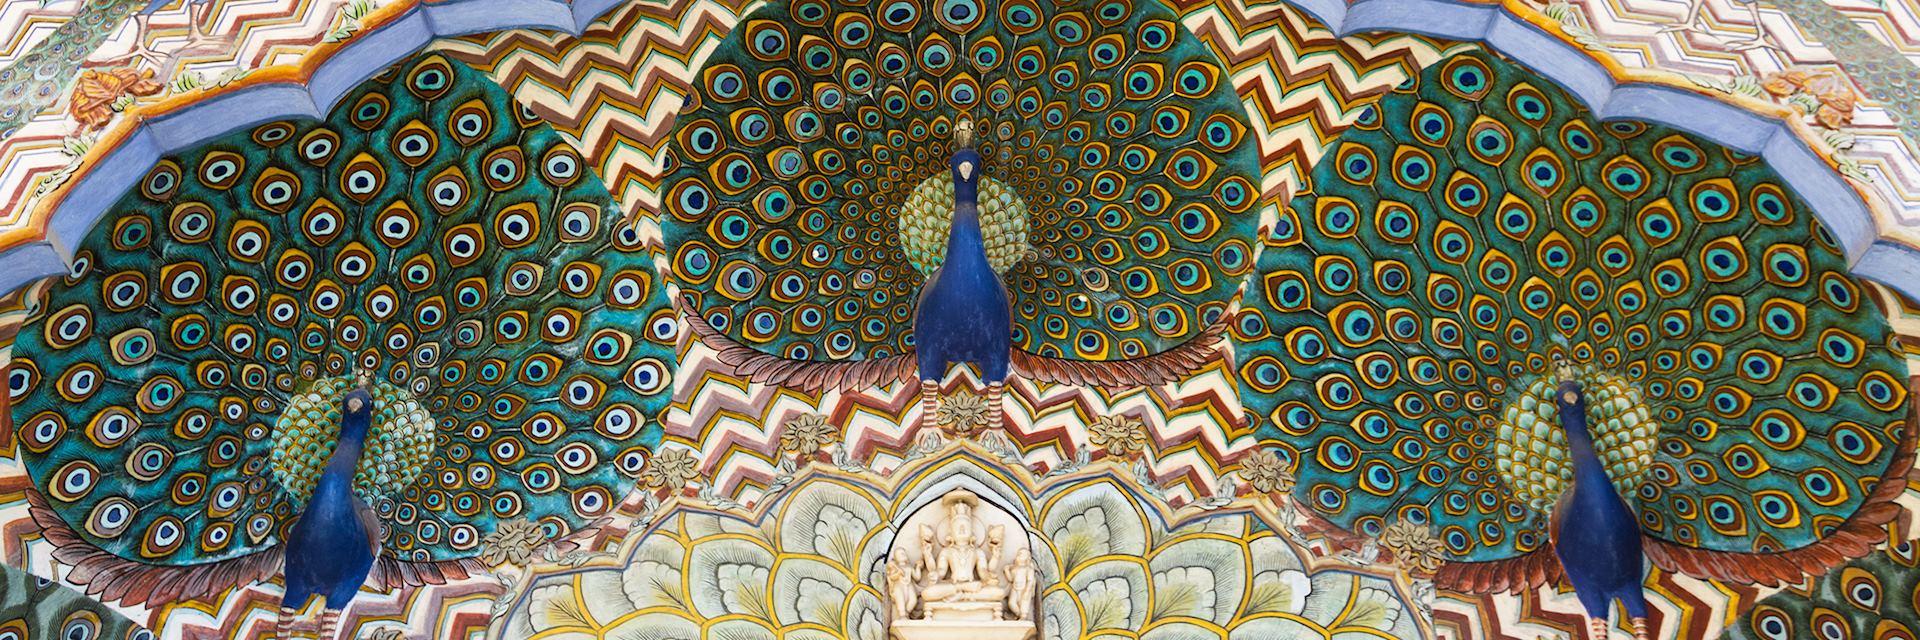 Jaipur City Palace art work